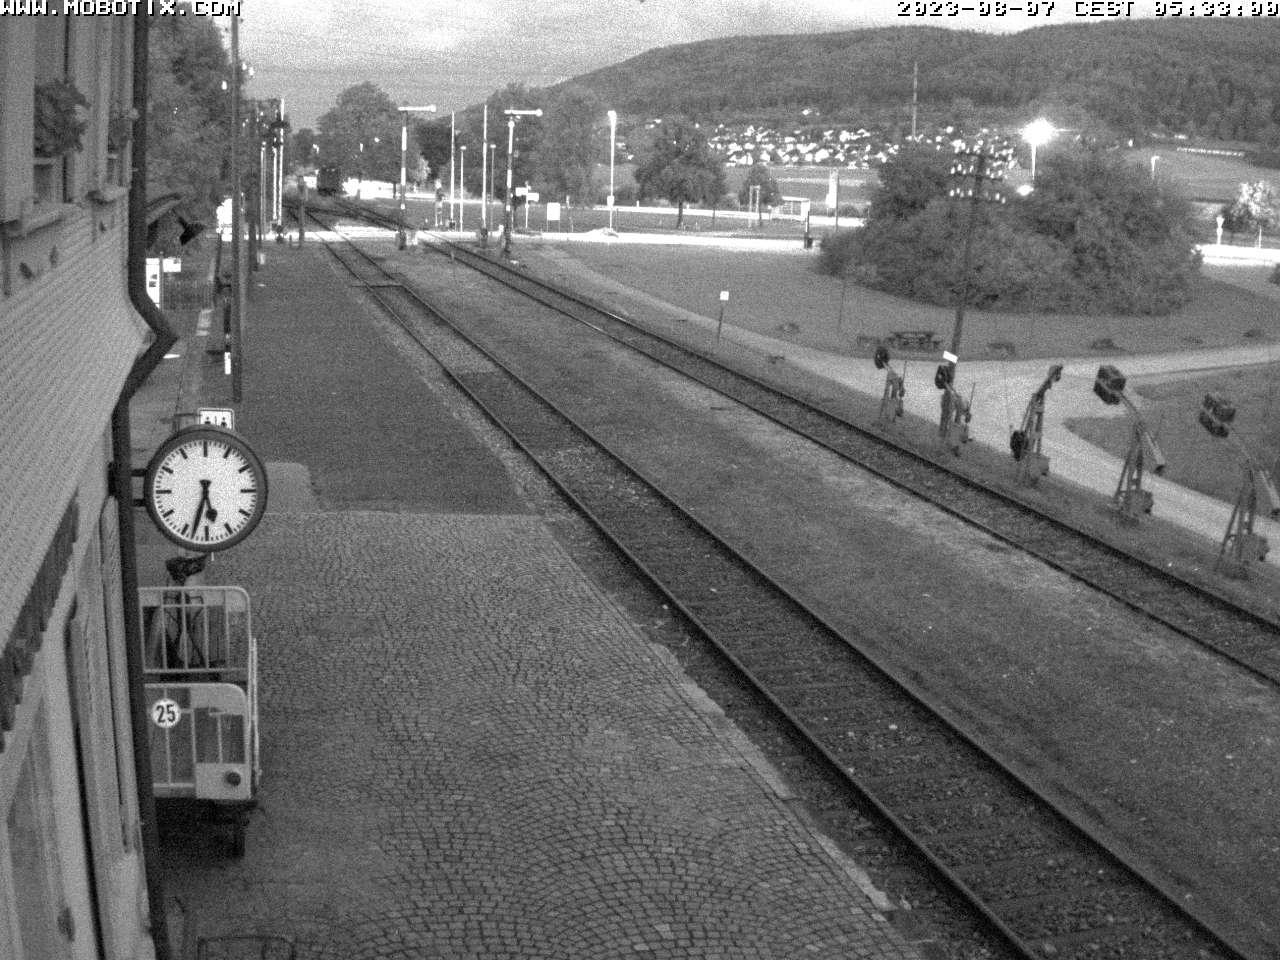 Unsere Webcam zeigt den Blick vom Bahnhof Blumberg-Zollhaus der Sauschwänzlebahn auf die Stadt Blumberg mit dem Eichberg im Hintergrund.